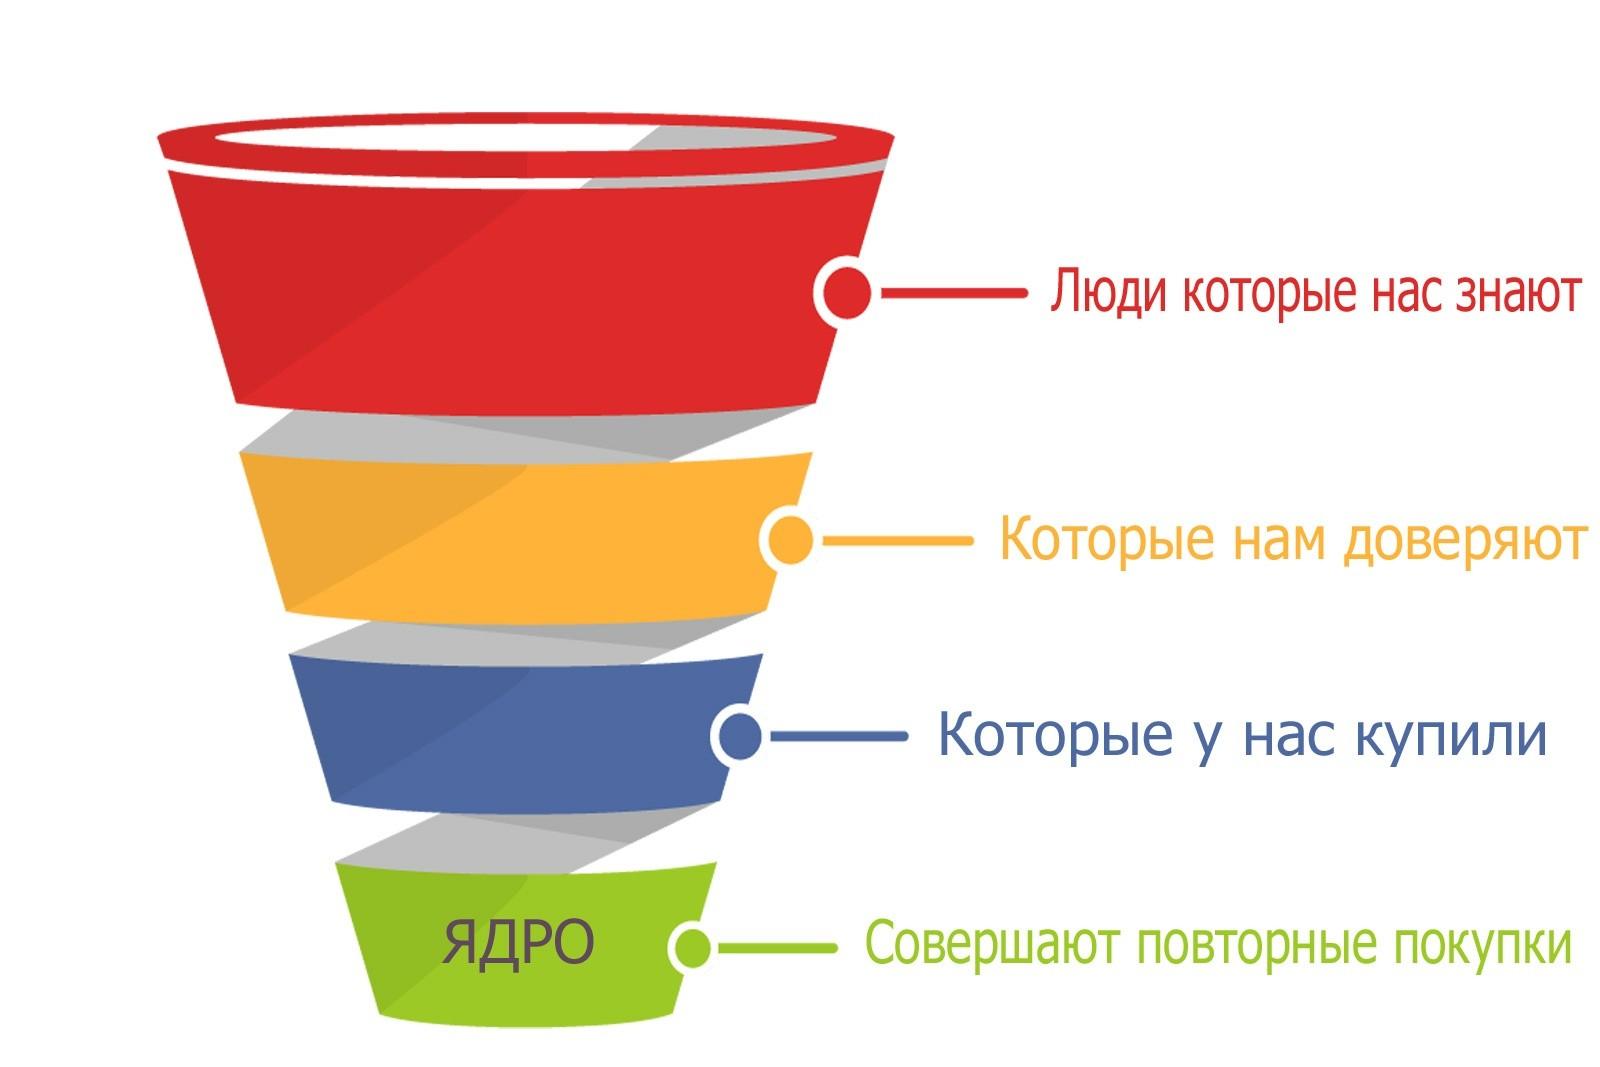 Схема маркетинга и продаж